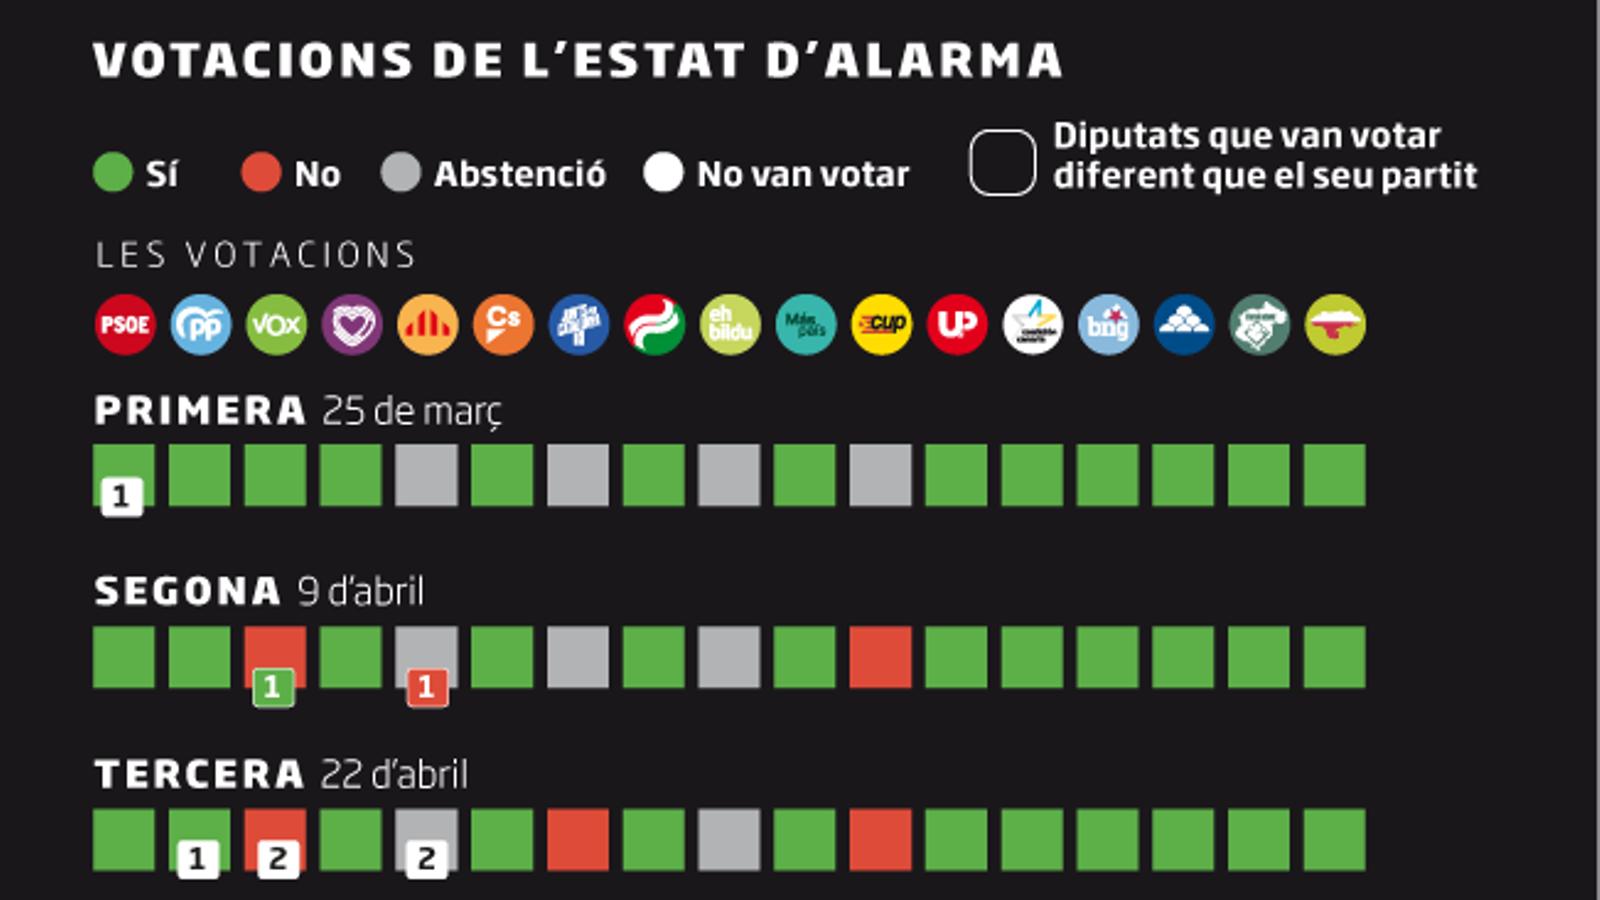 Sánchez salva l'estat d'alarma amb Cs, PNB i Bildu però s'allunya d'ERC